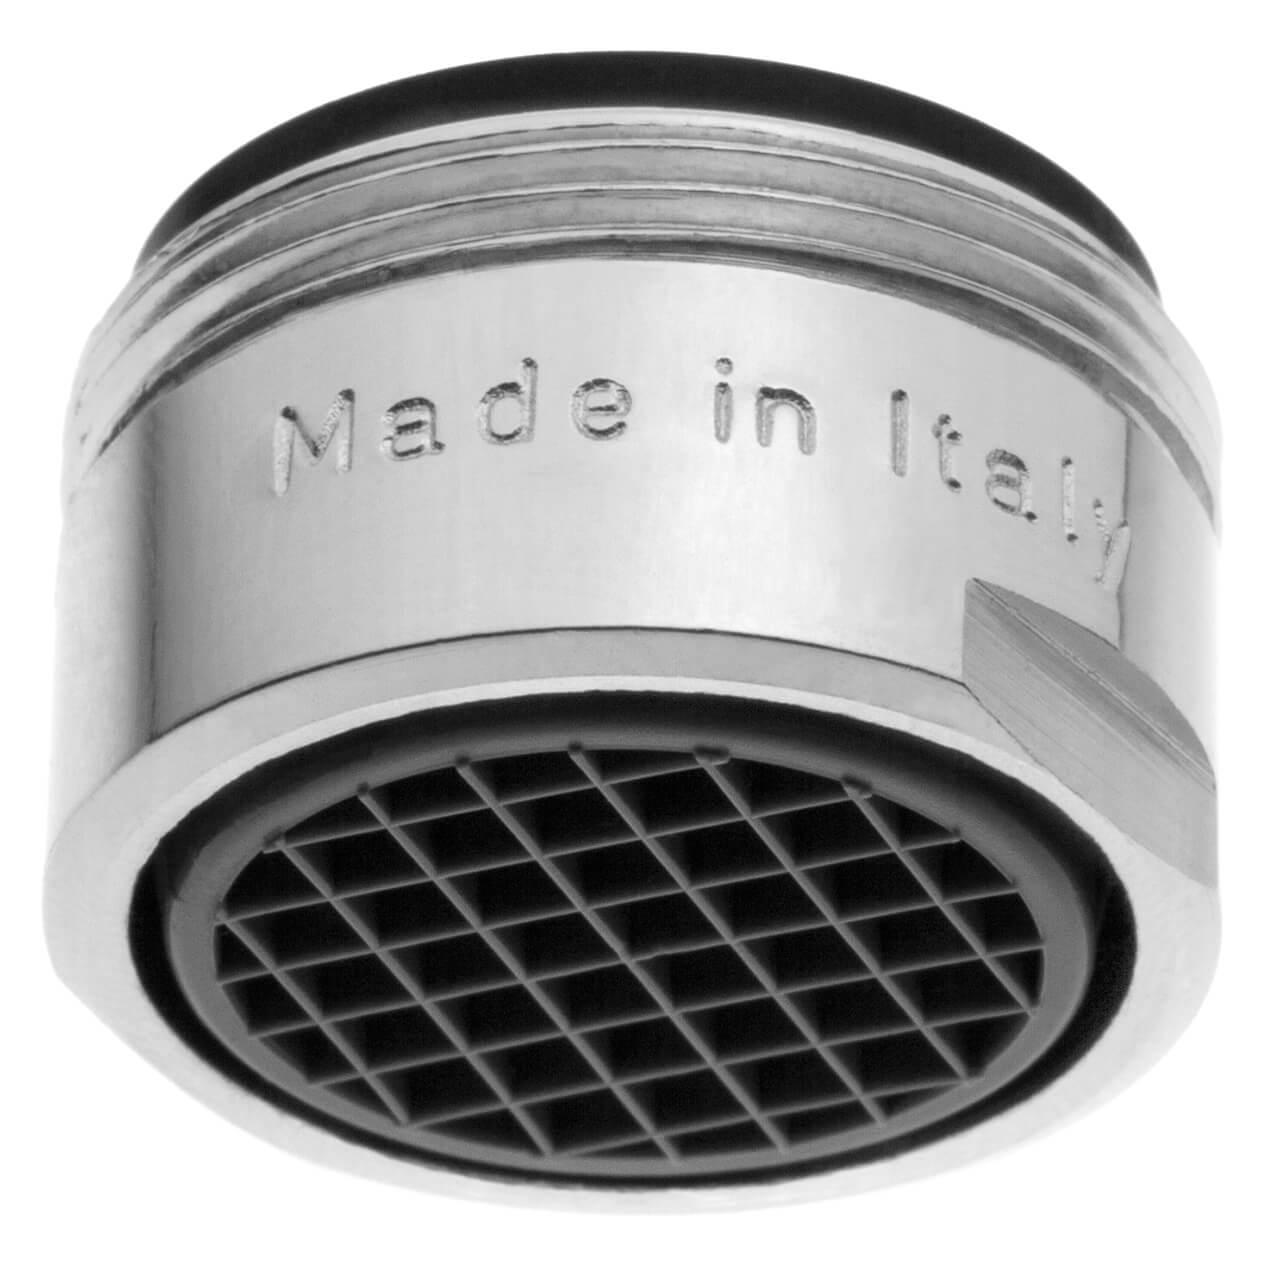 Strahlregler Terla FreeLime 1.7 l/min - Gewinde M24x1 äußerer - beliebtesten